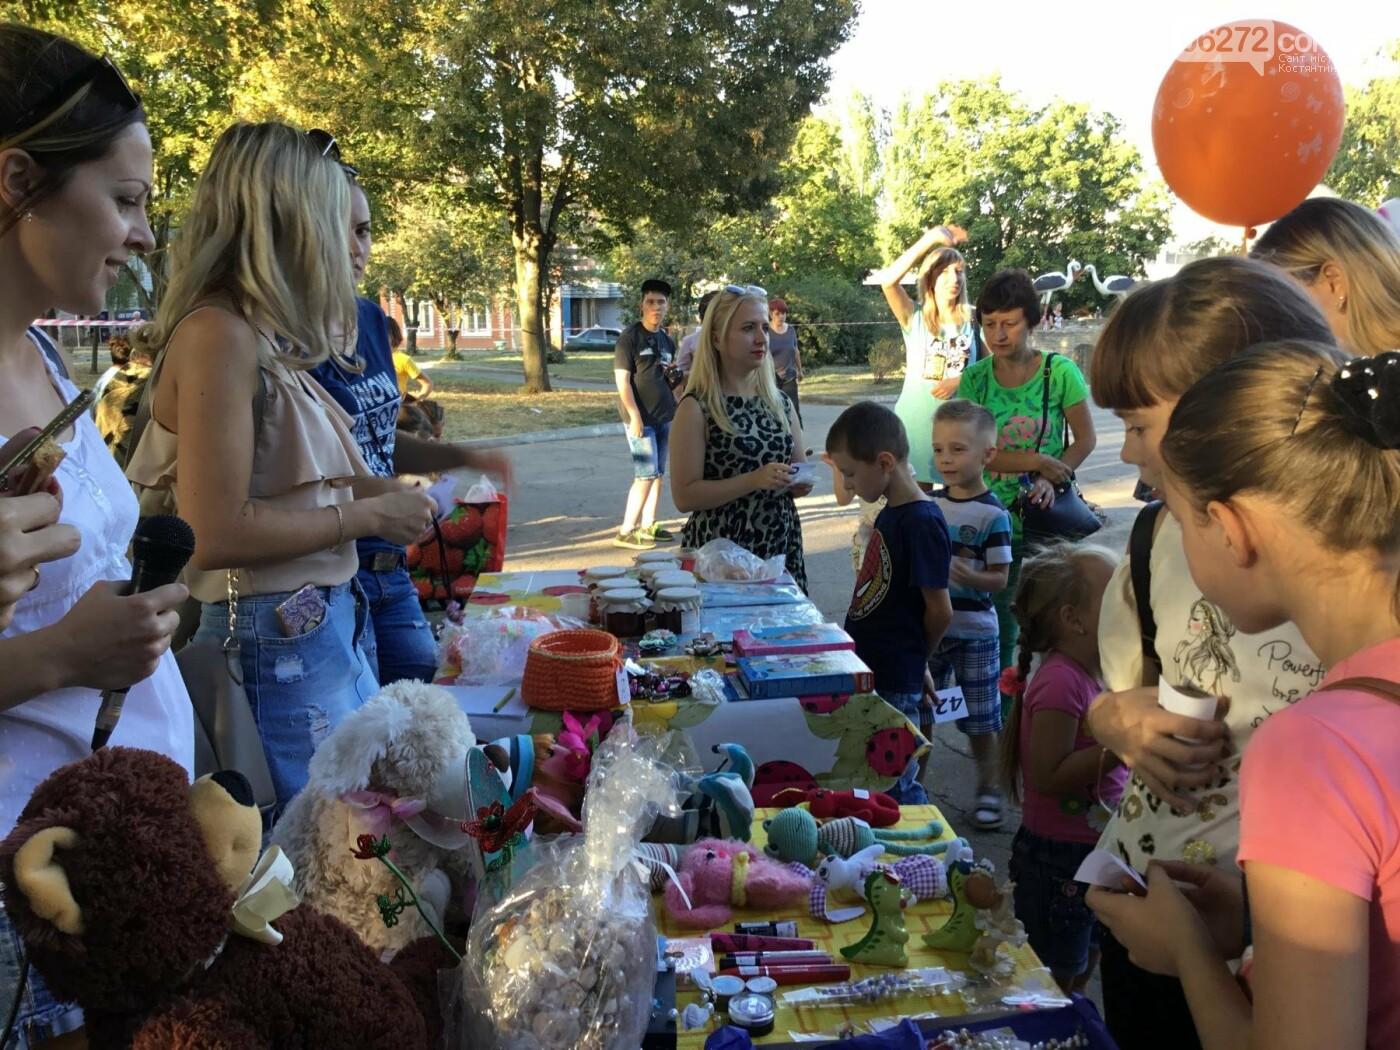 Вчера в Константиновке состоялся благотворительный праздник для детей (видео), фото-11